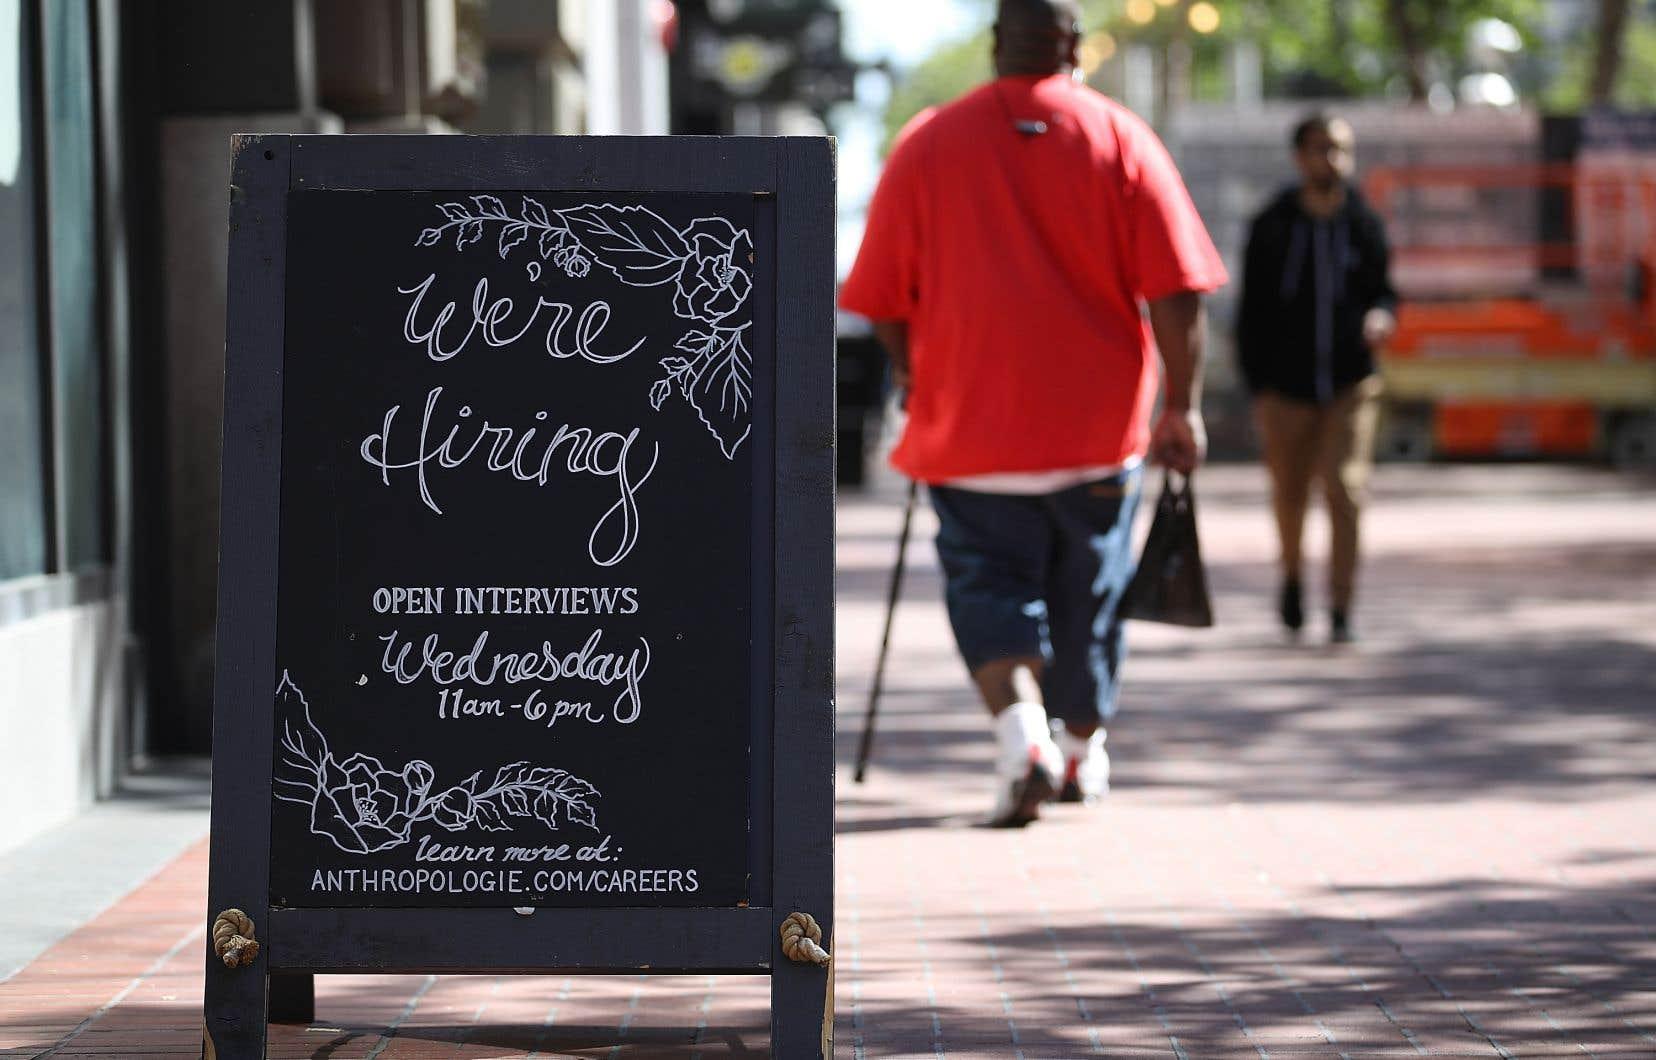 Le taux de chômage aux États-Unis a légèrement baissé en juillet, à 3,9%, après 4% en juin, a indiqué le ministère du Travail vendredi.